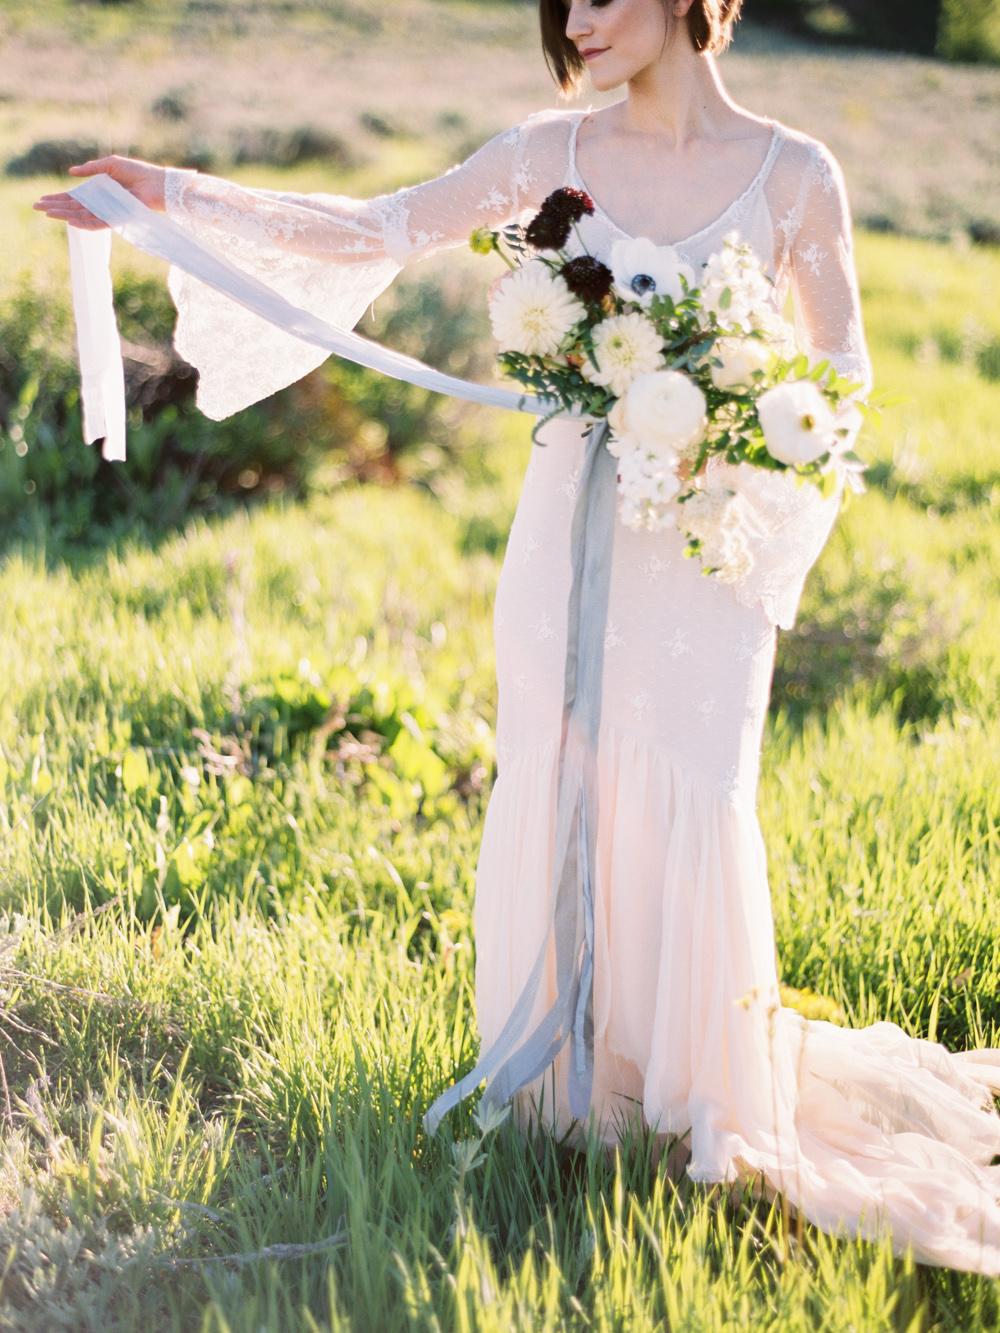 StyledShootBrittniWilliePhotography-25.jpg